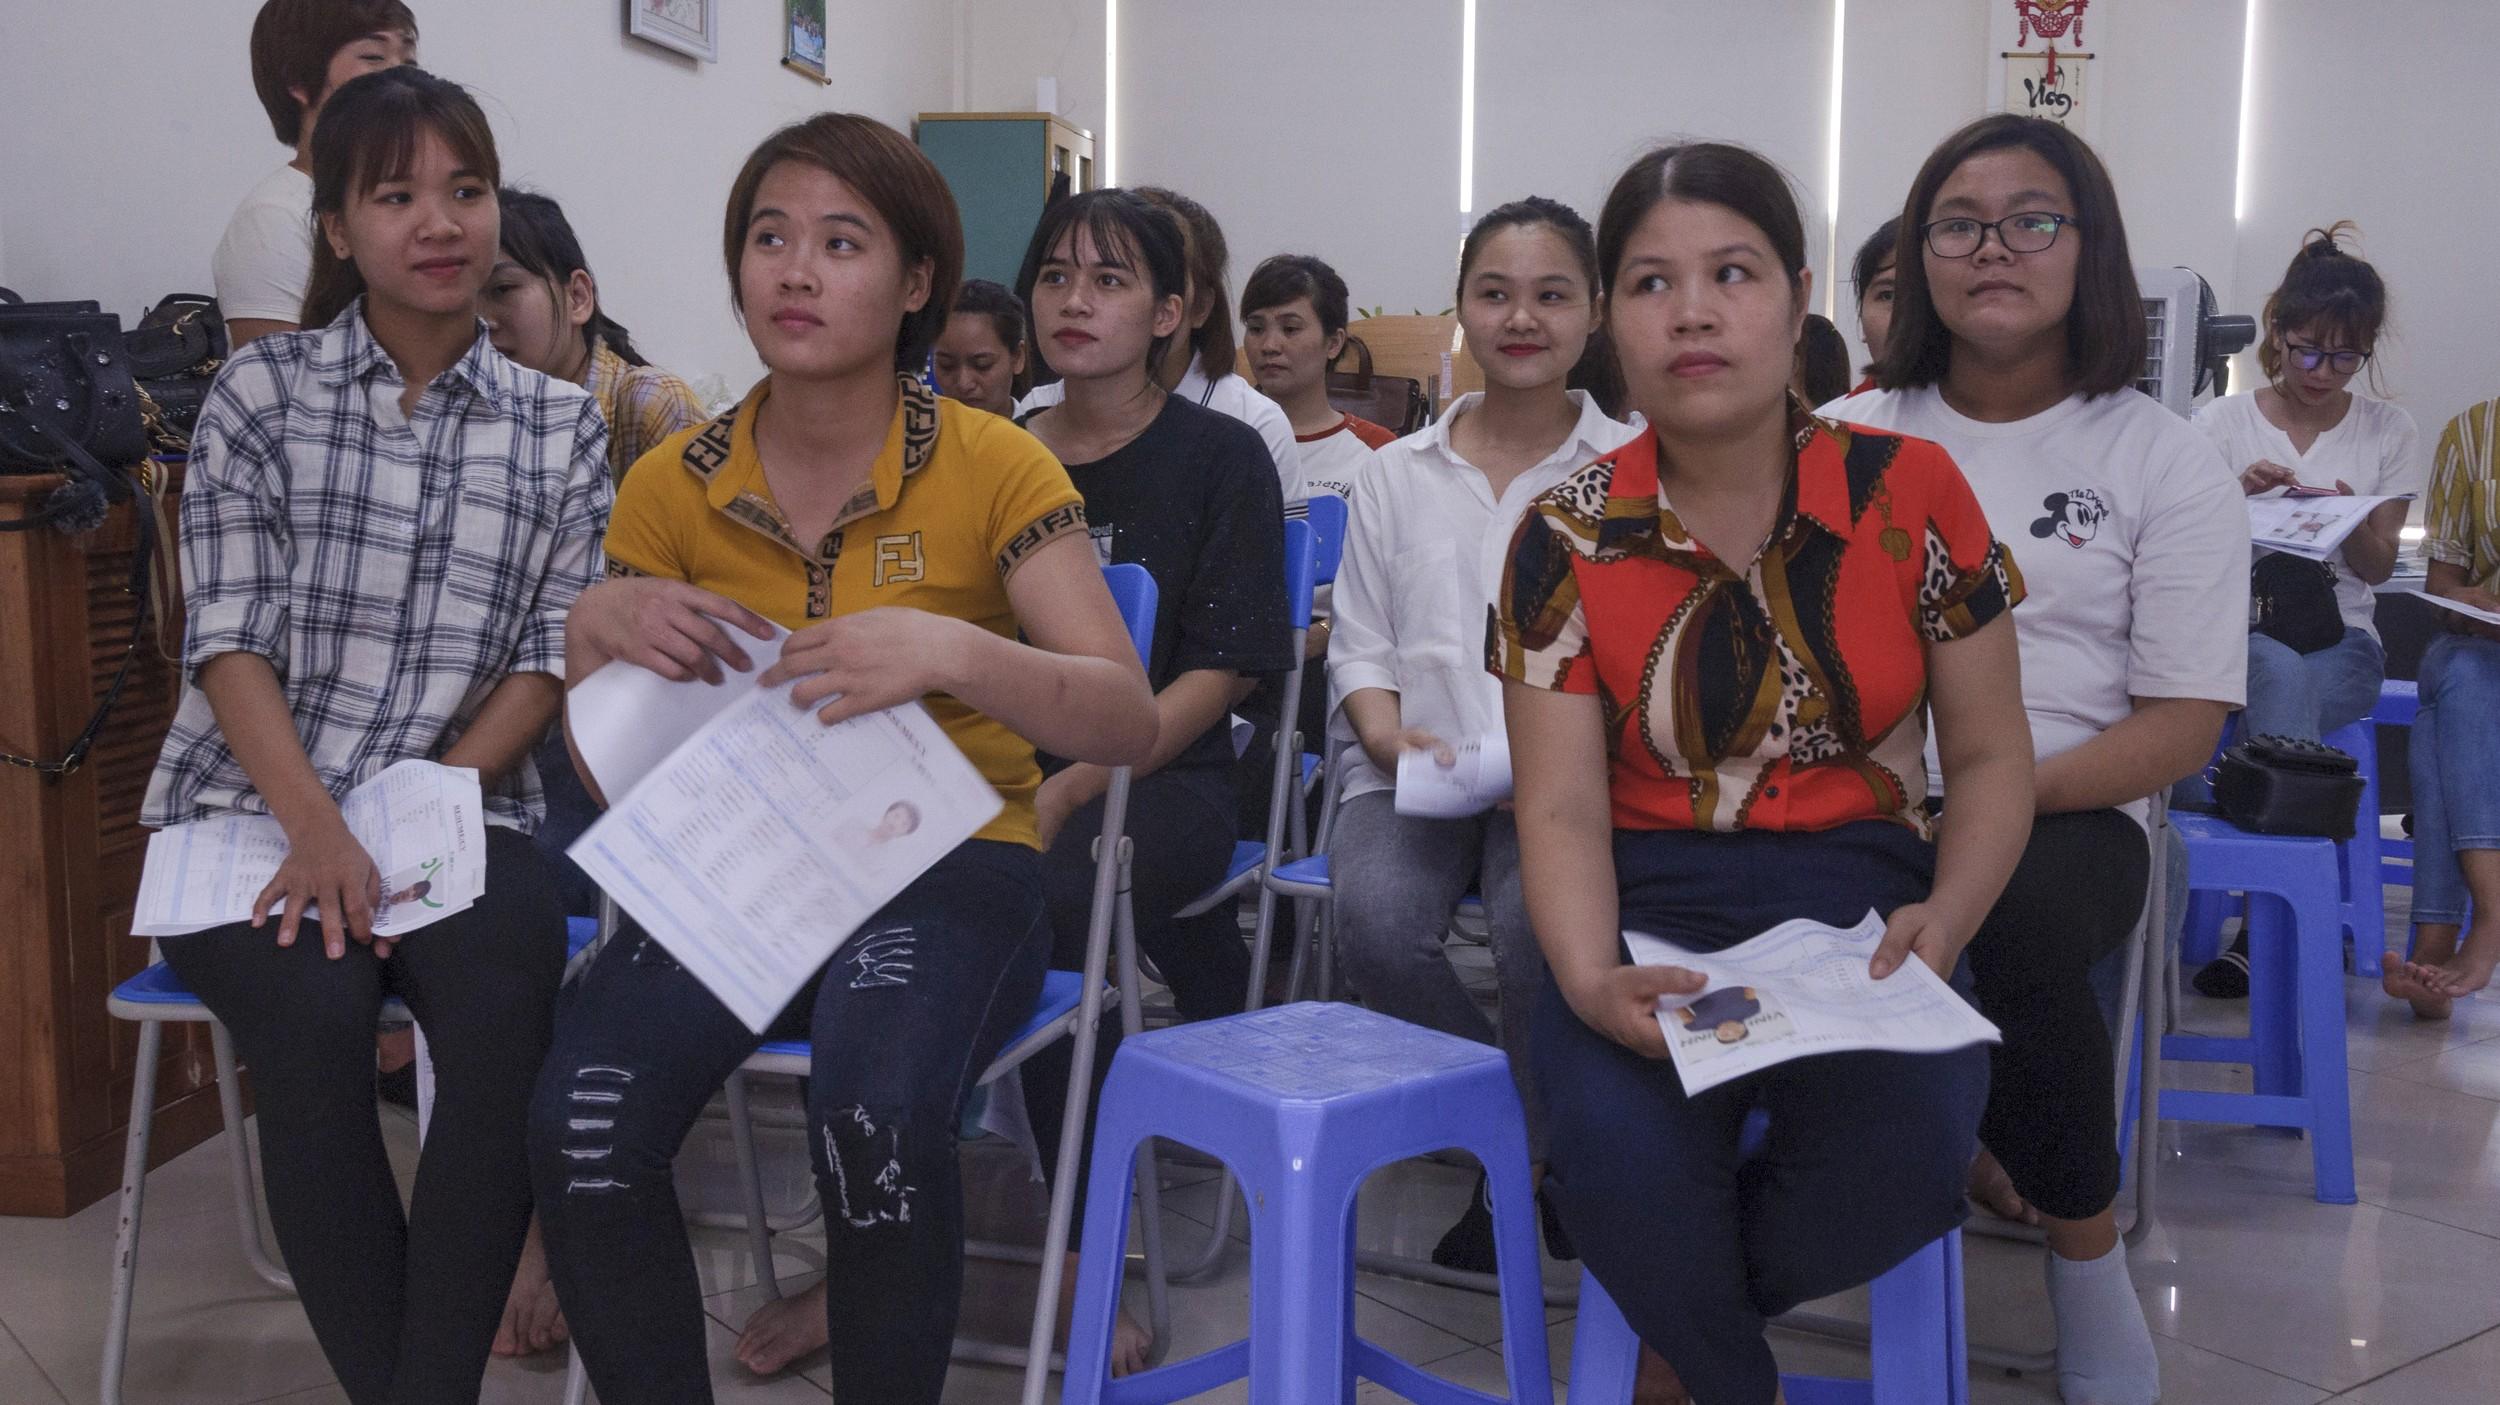 图说:台湾的电子业工厂,因为移工零收费的改革,在越南招聘时仍能吸引不少工人。图为一所越南中介公司所举办的招工现场。(摄影/简永达)